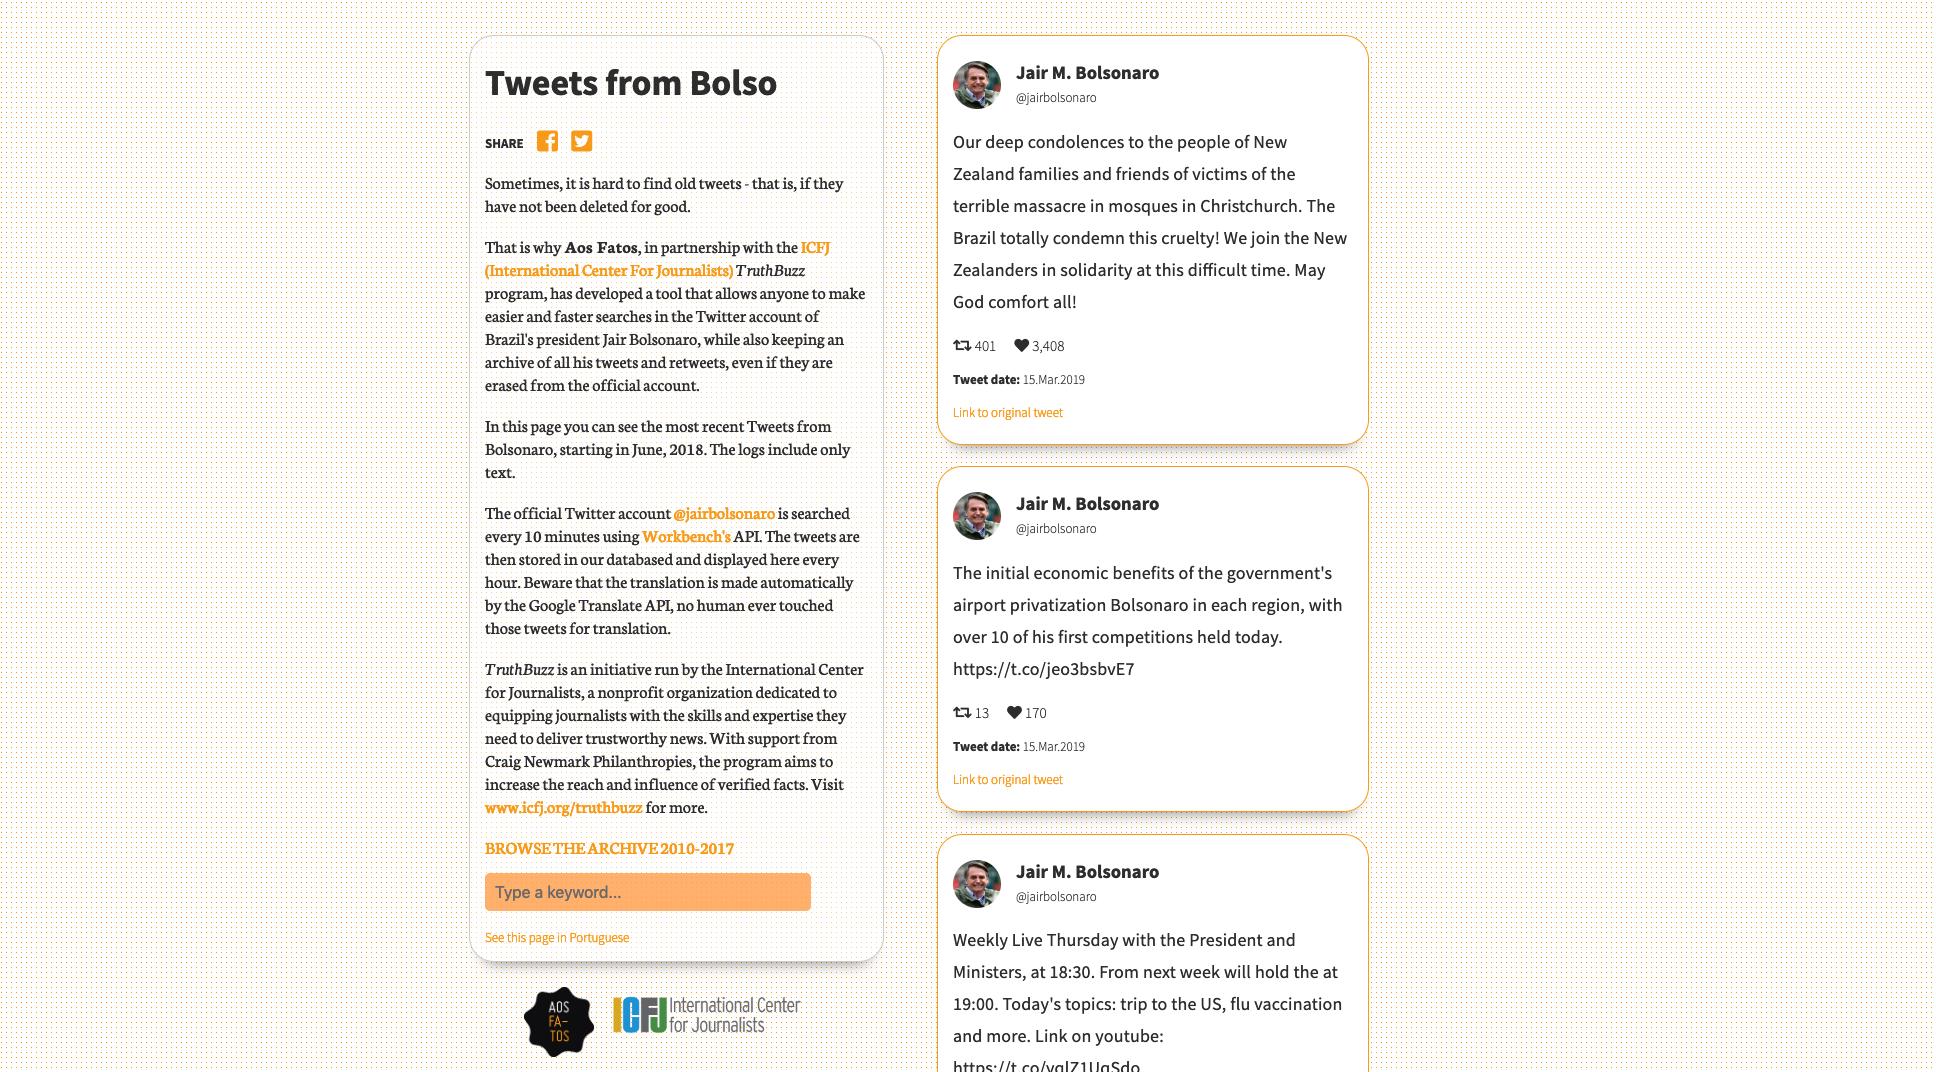 Construindo um bot para monitorar contas de políticos no Twitter